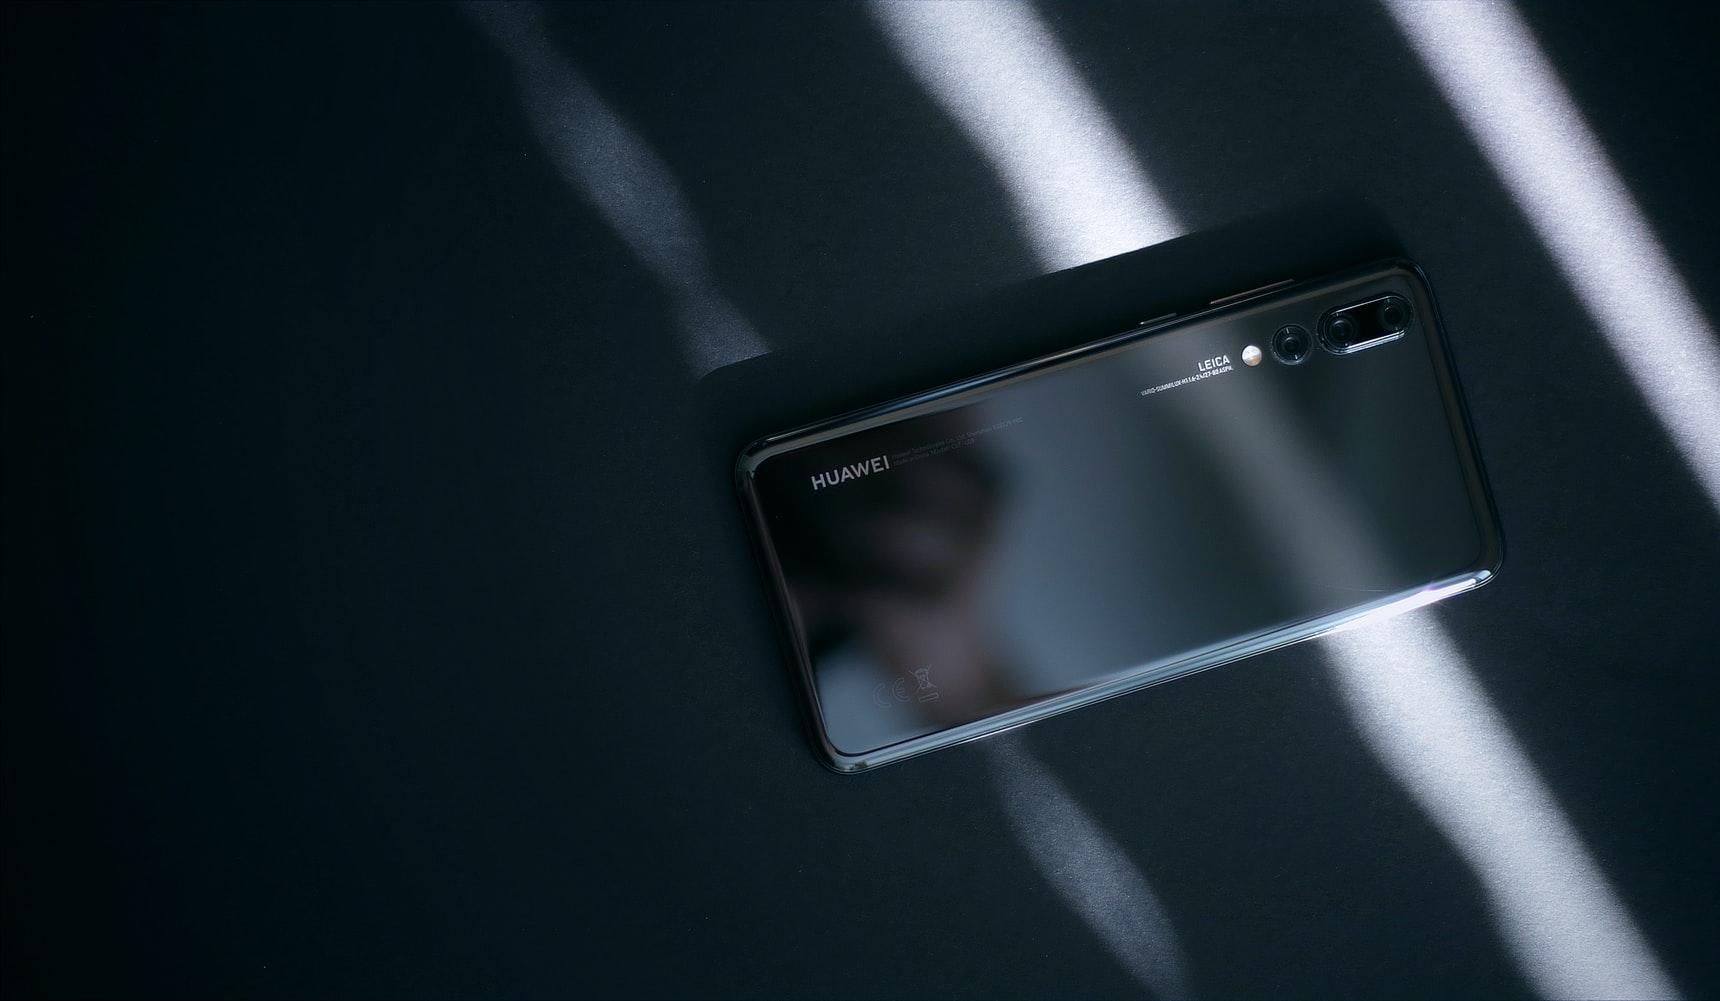 Правильное импортозамещение по версии Huawei - iXBT.com